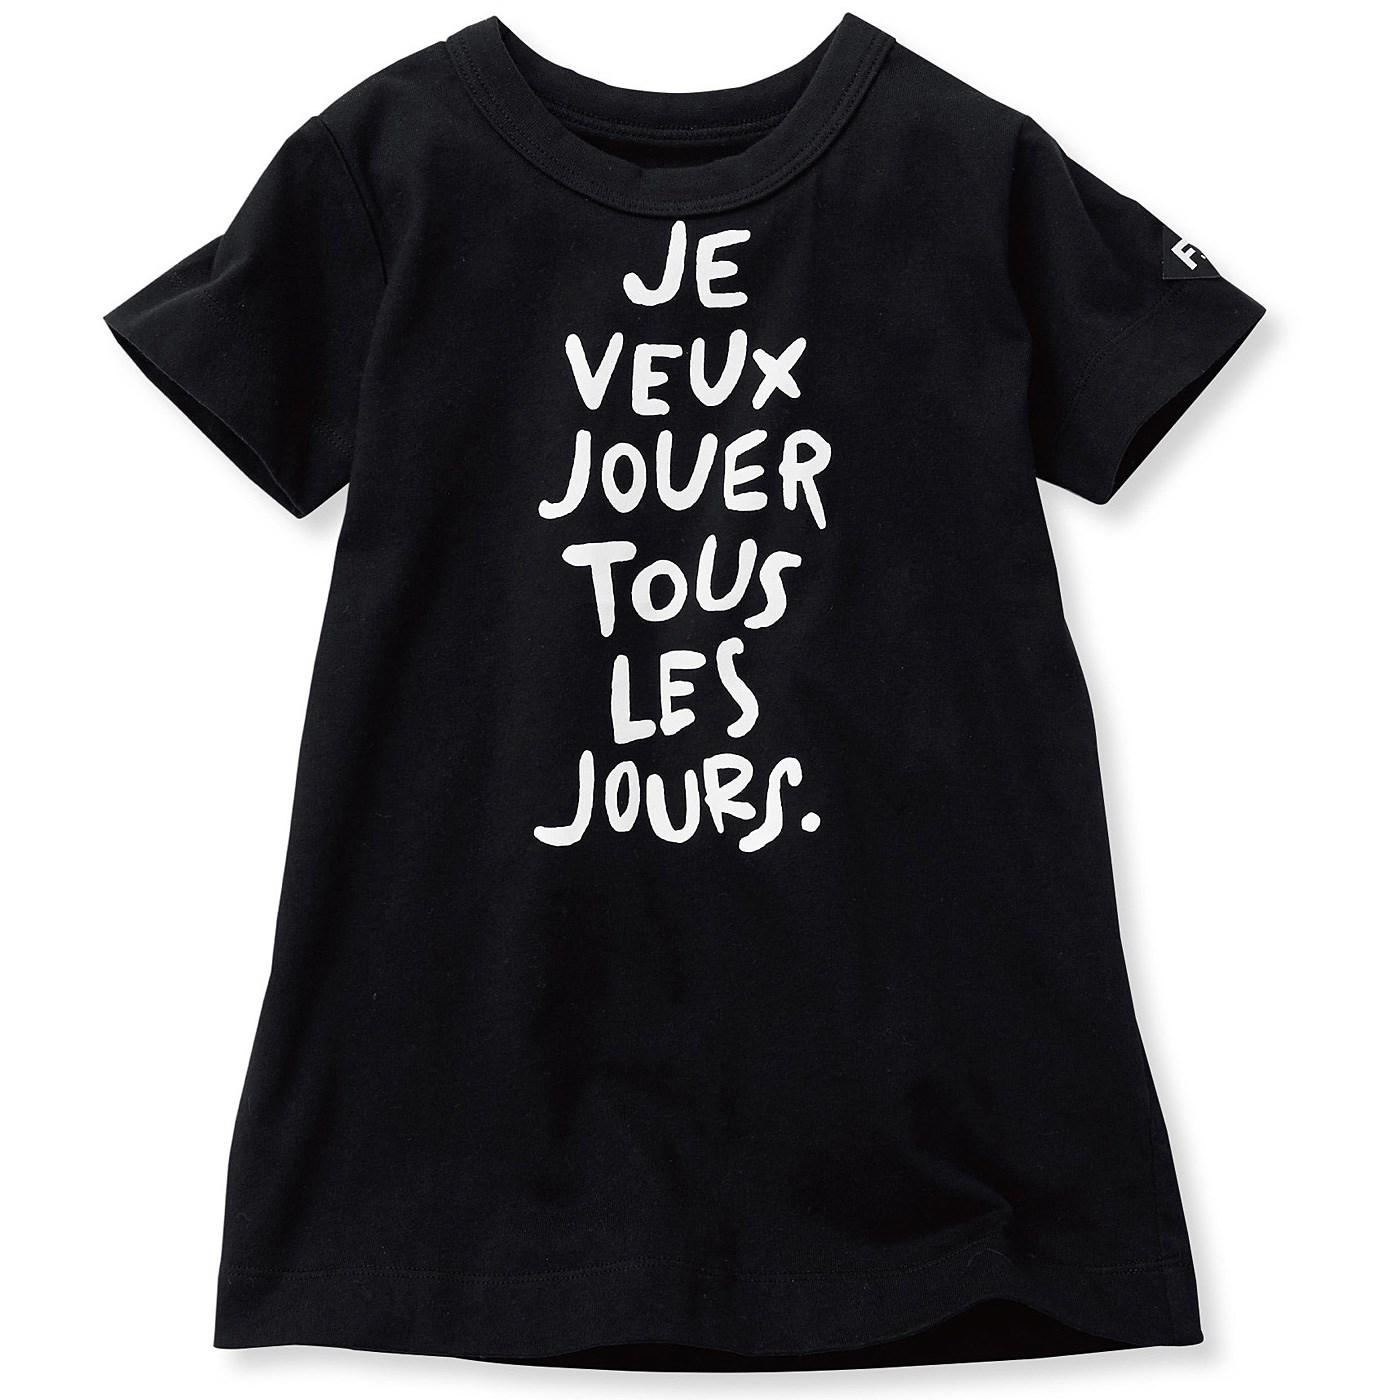 フェリシモ コットン素材のロゴがおしゃれな長め丈Tシャツ